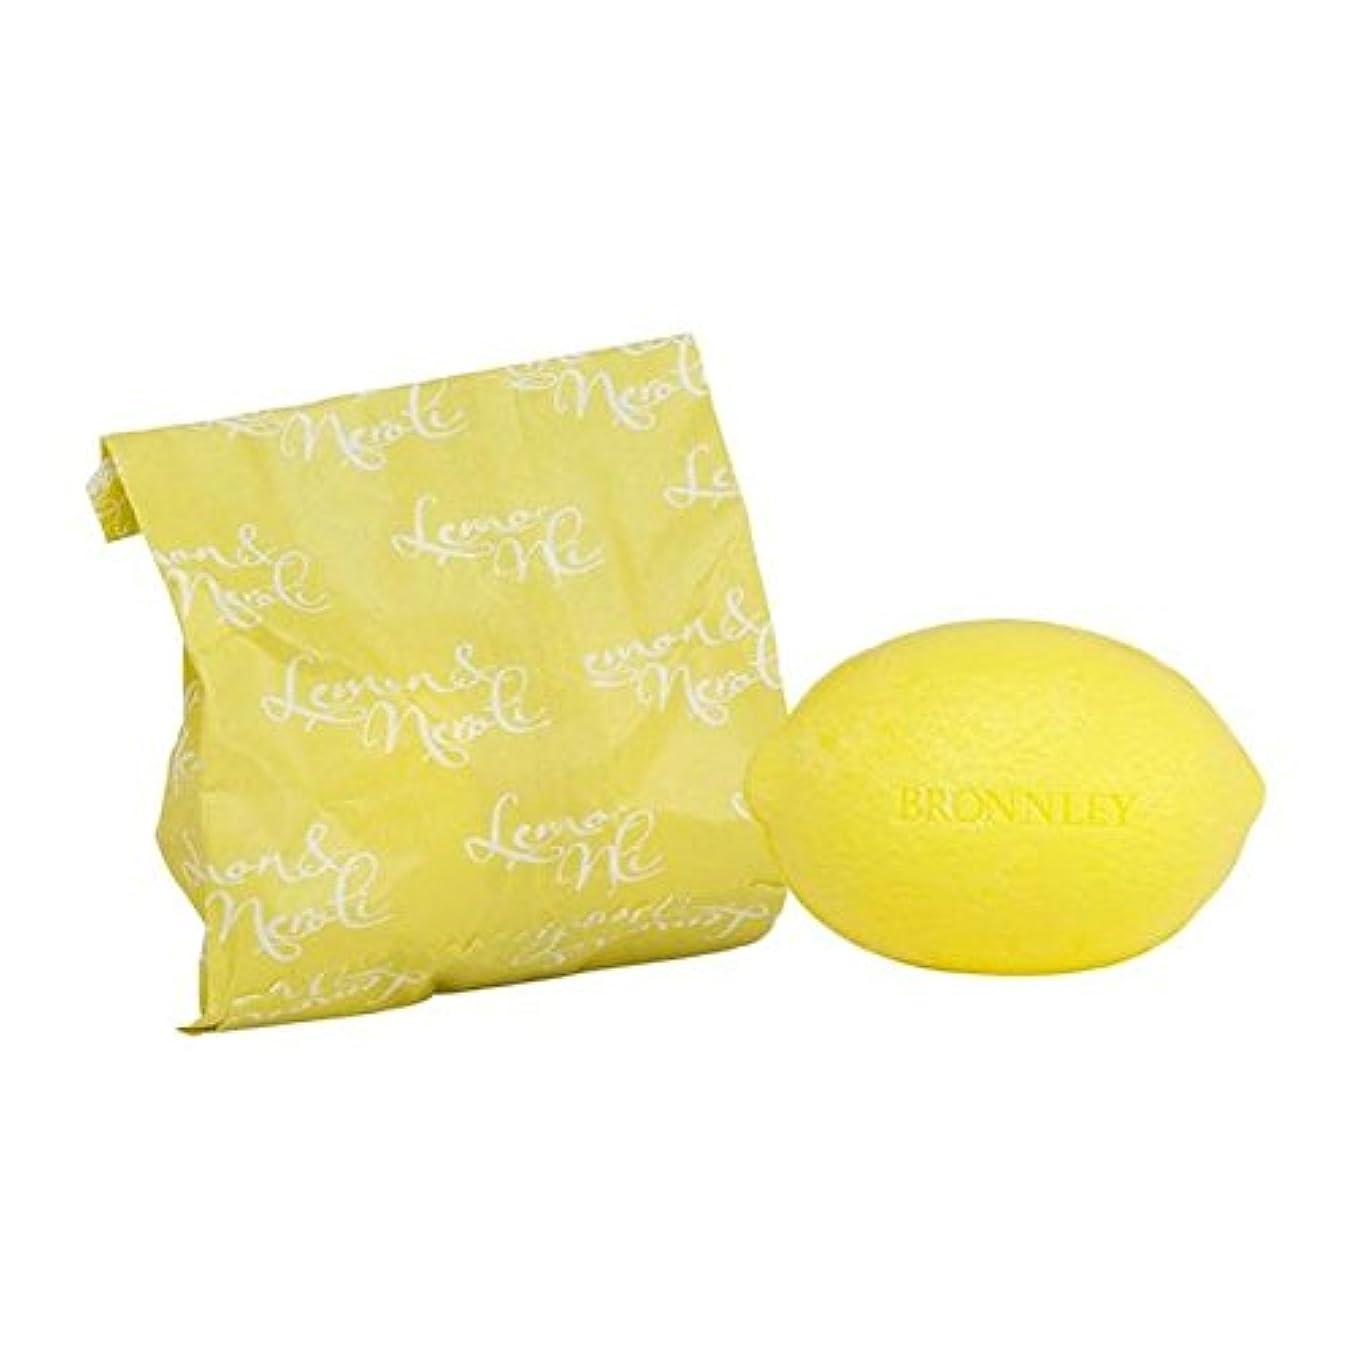 処方する移行する陰謀Bronnley Lemon & Neroli Soap 100g (Pack of 6) - レモン&ネロリ石鹸100グラム x6 [並行輸入品]